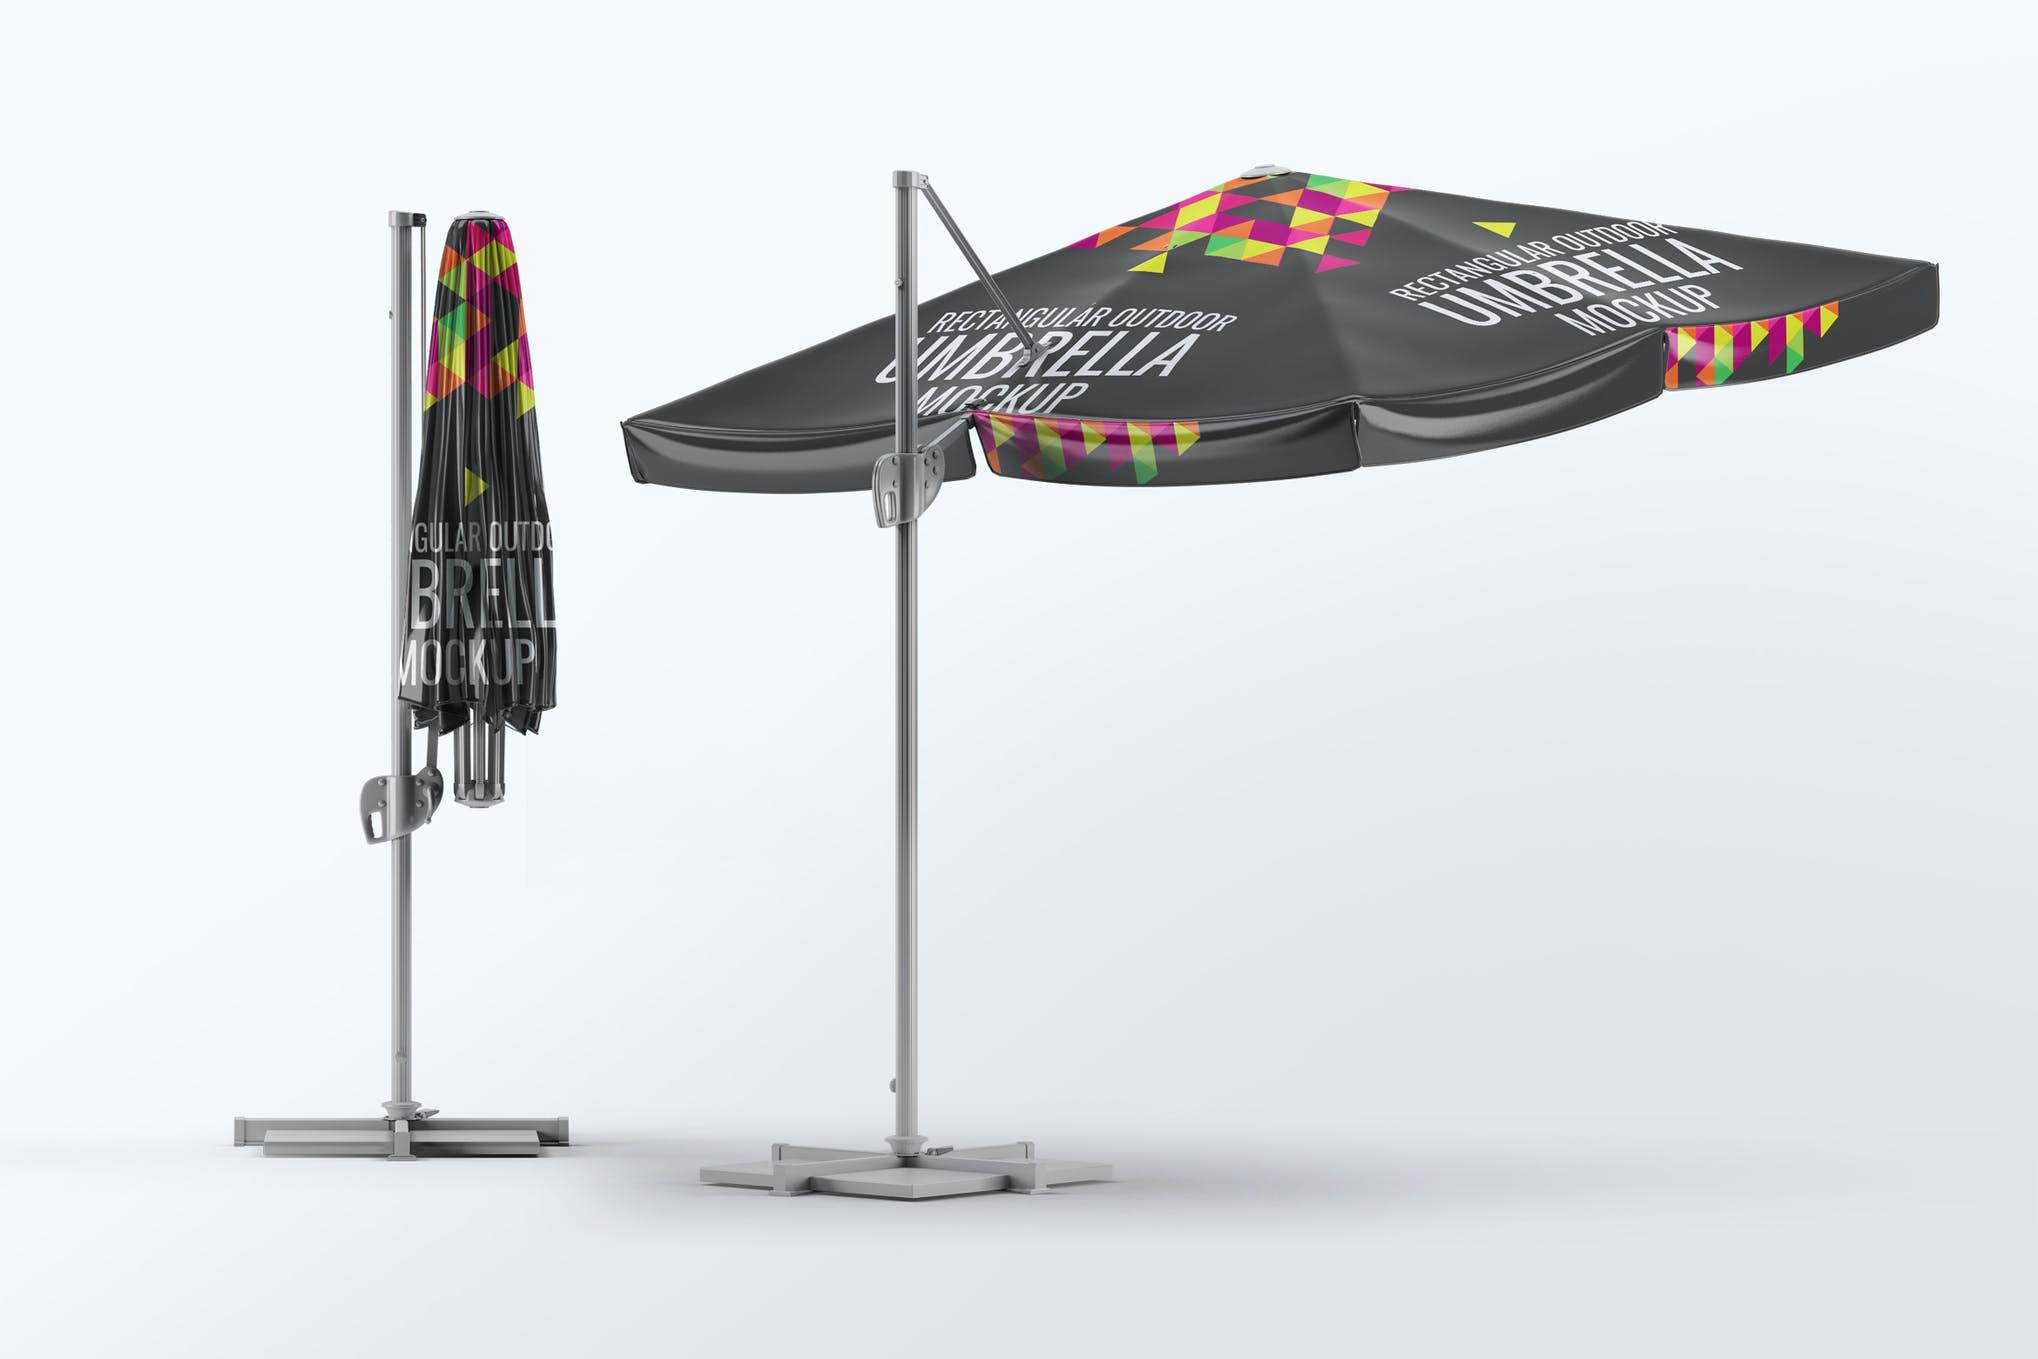 室外遮阳伞样机效果图插图(1)